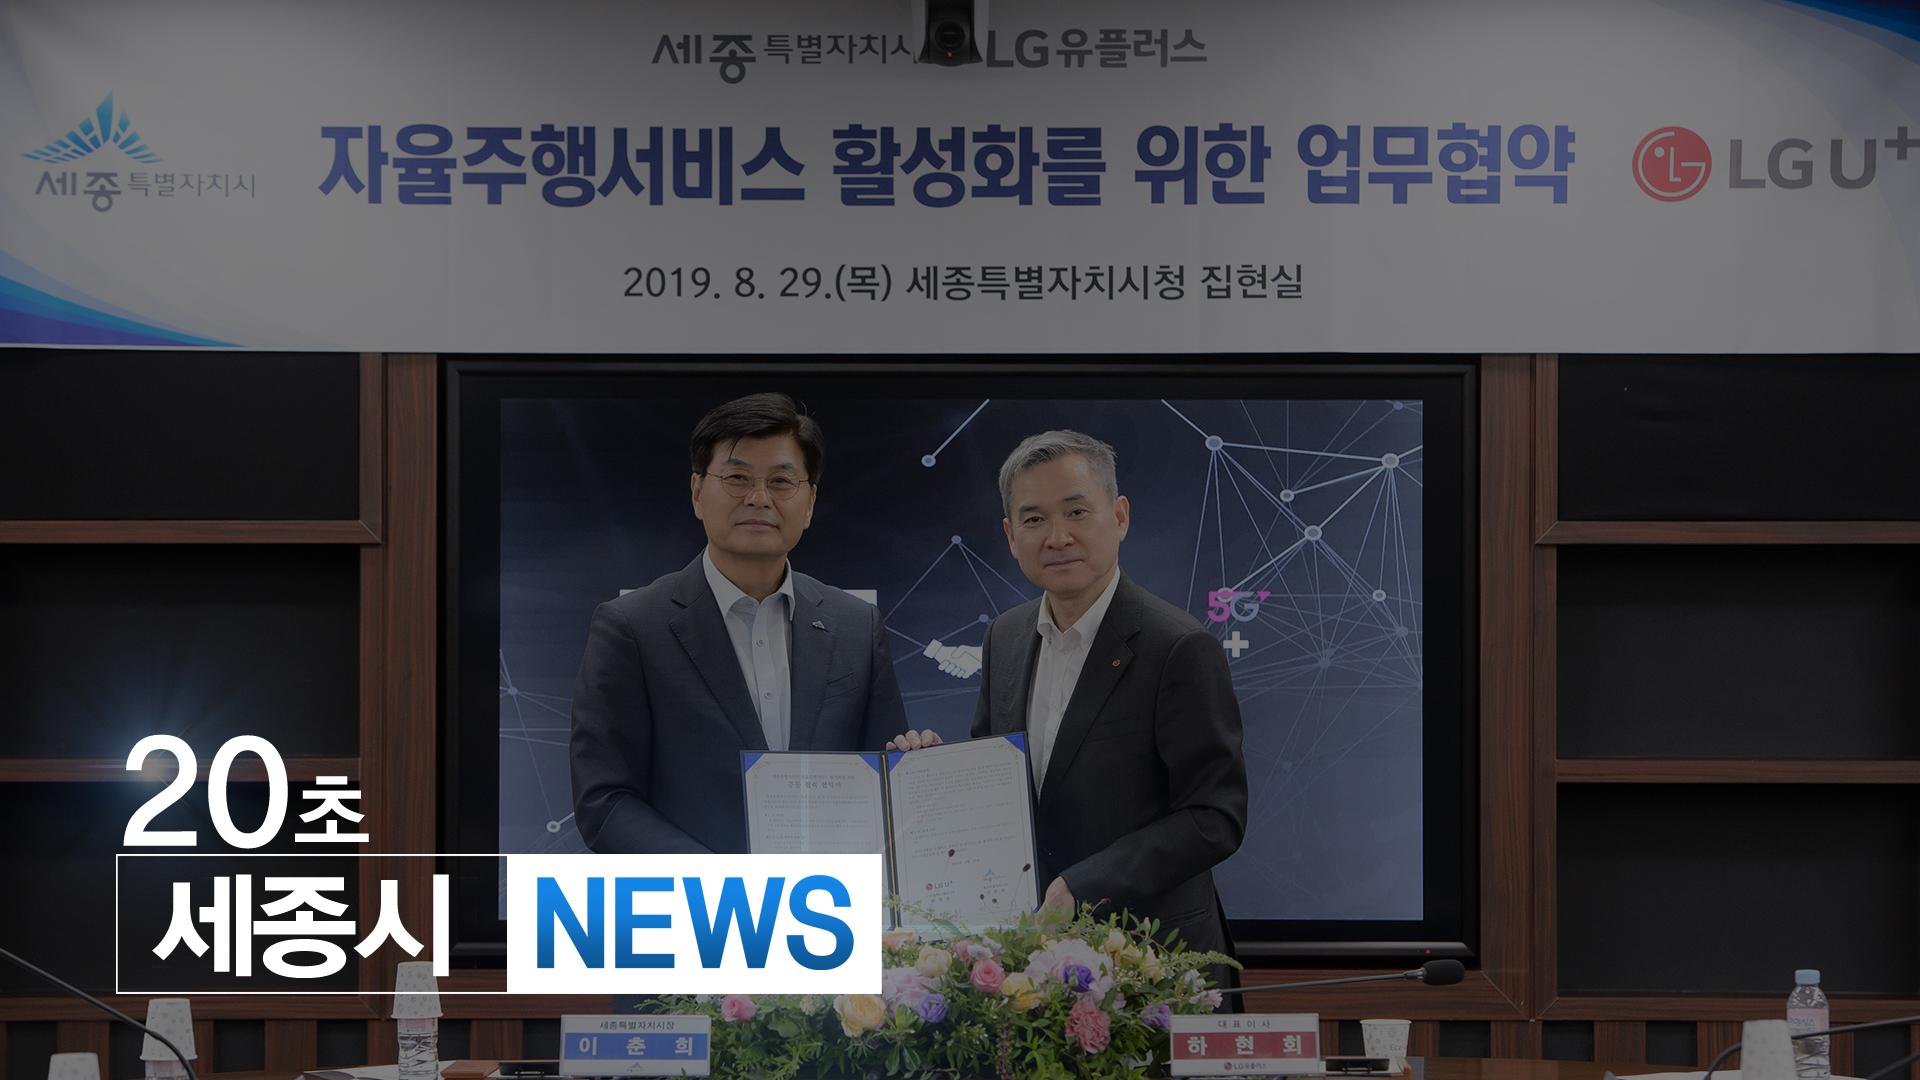 <20초뉴스> 세종시-엘지유플러스, 자율주행 상용화 힘 모은다